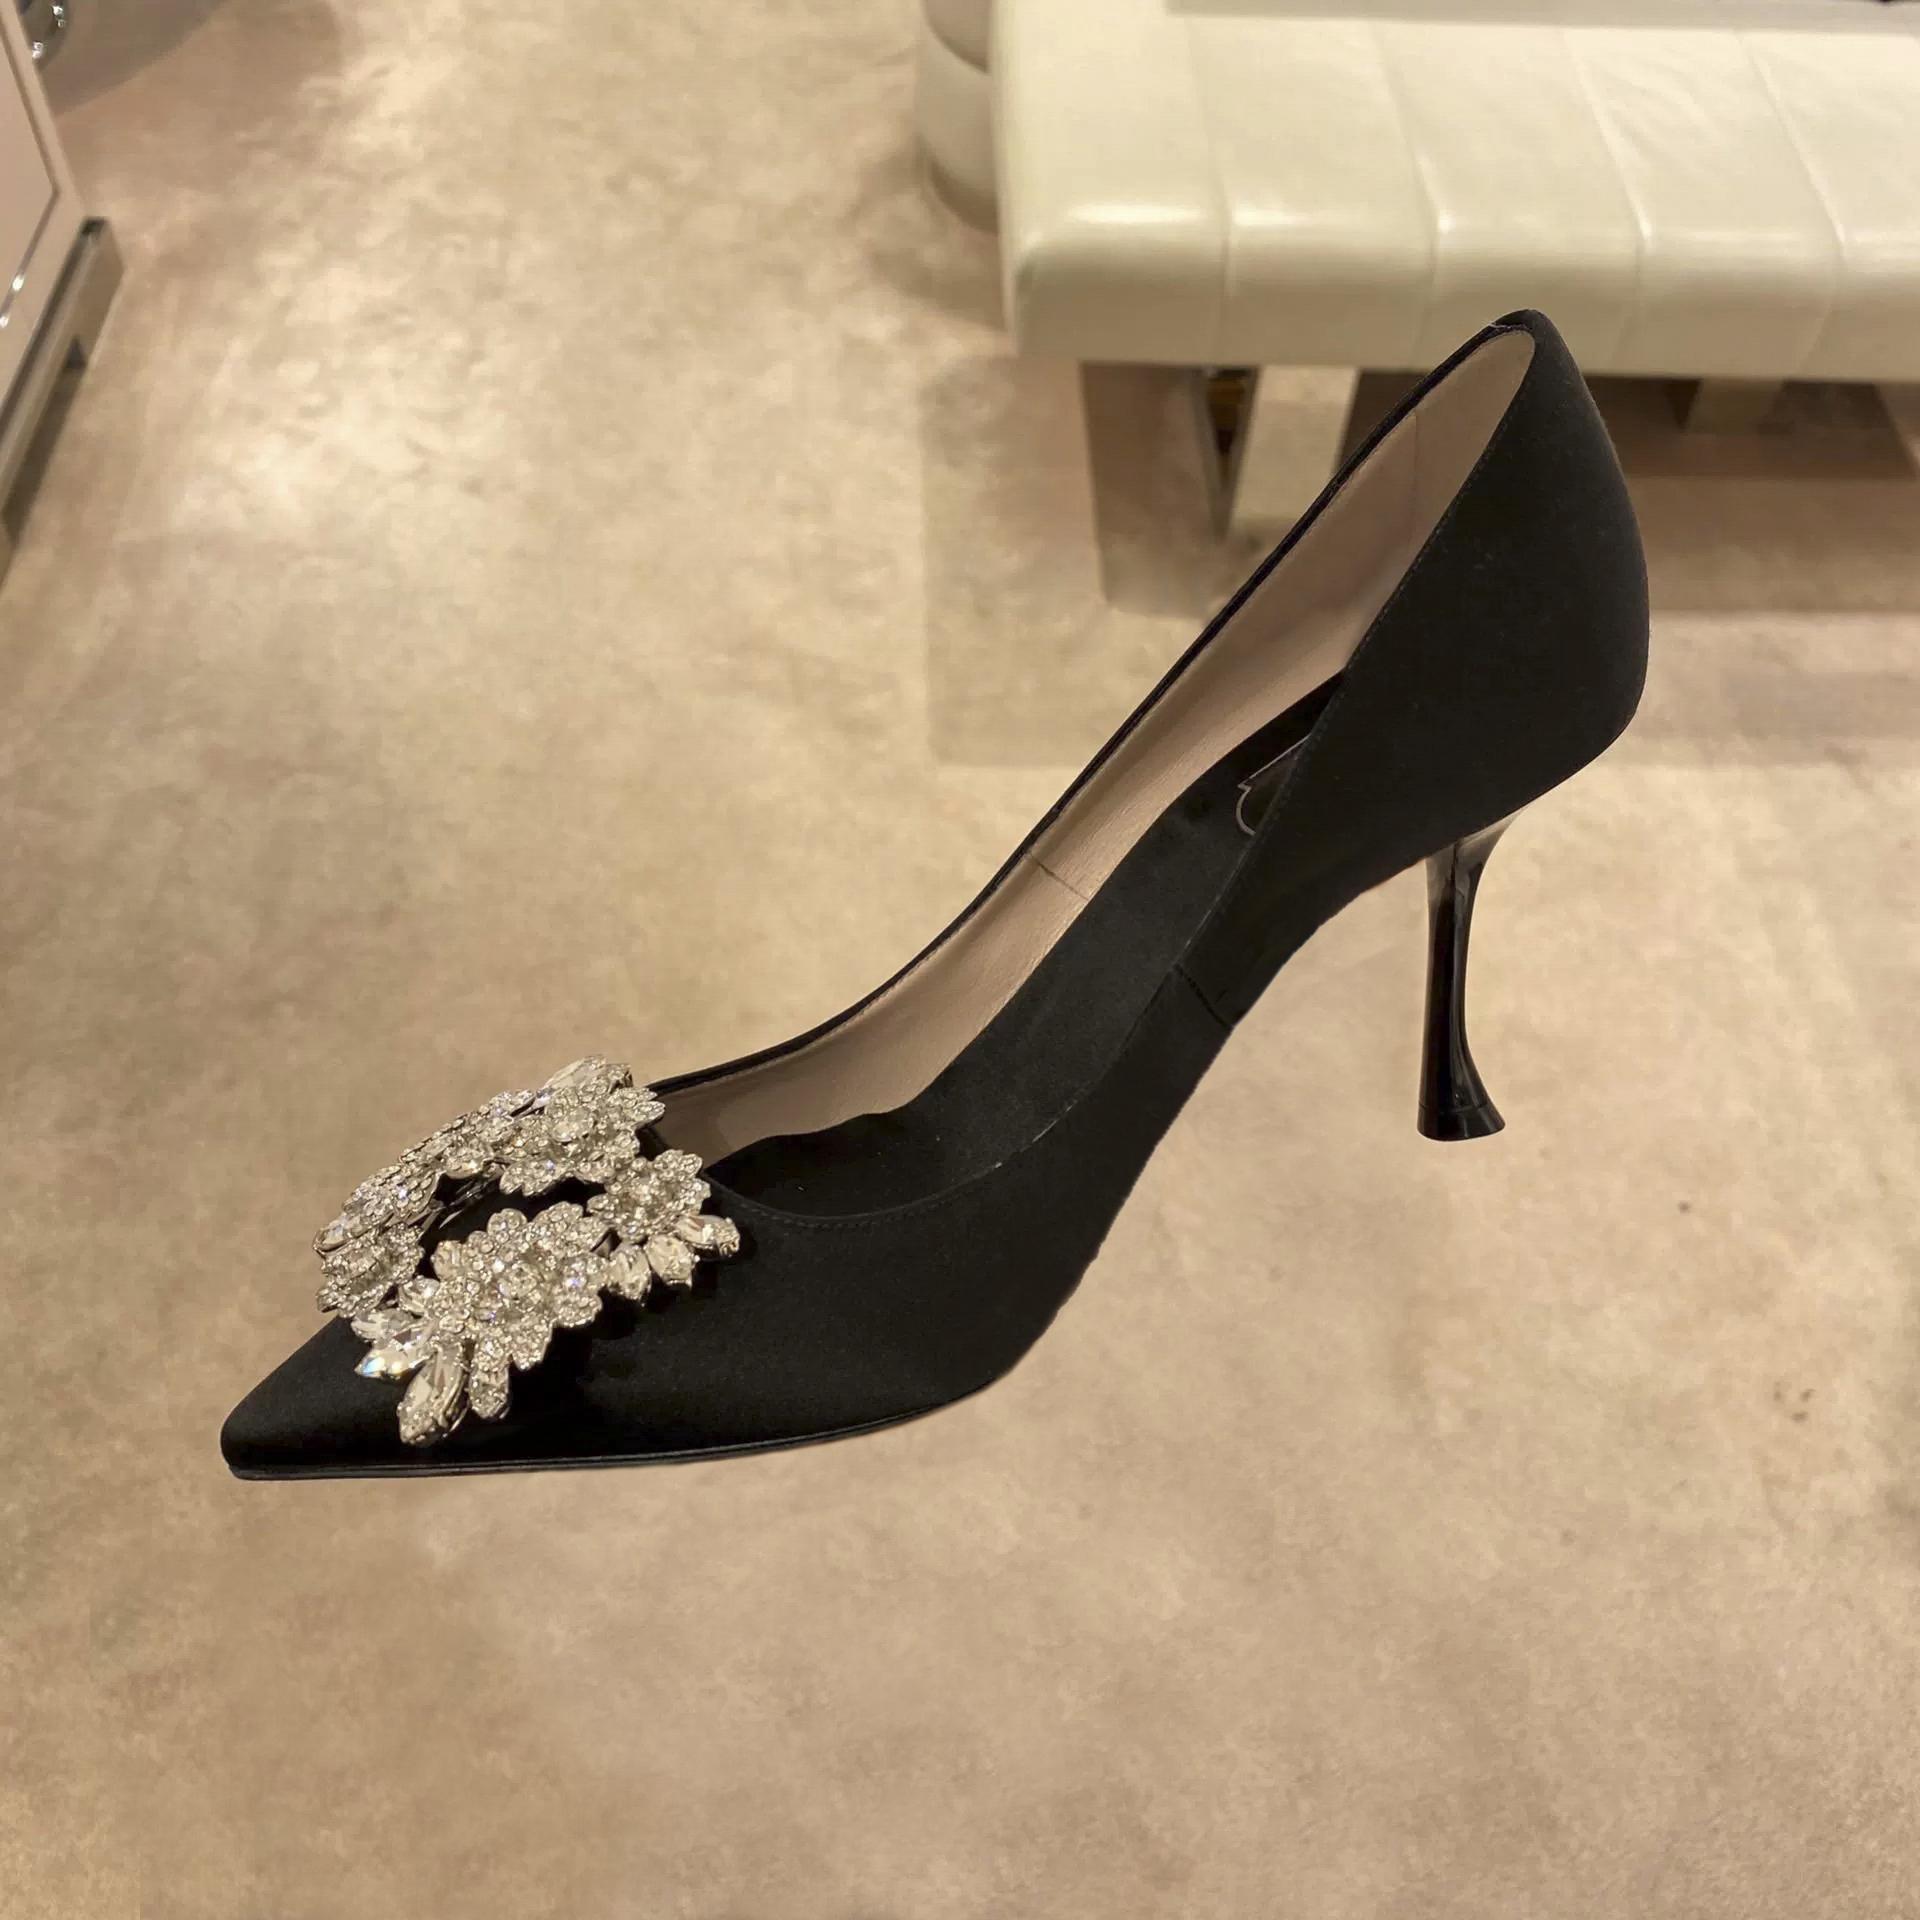 2020年春先の新流行の新型春の靴の女性用ドリルヘッドとハイヒールの人気モデル